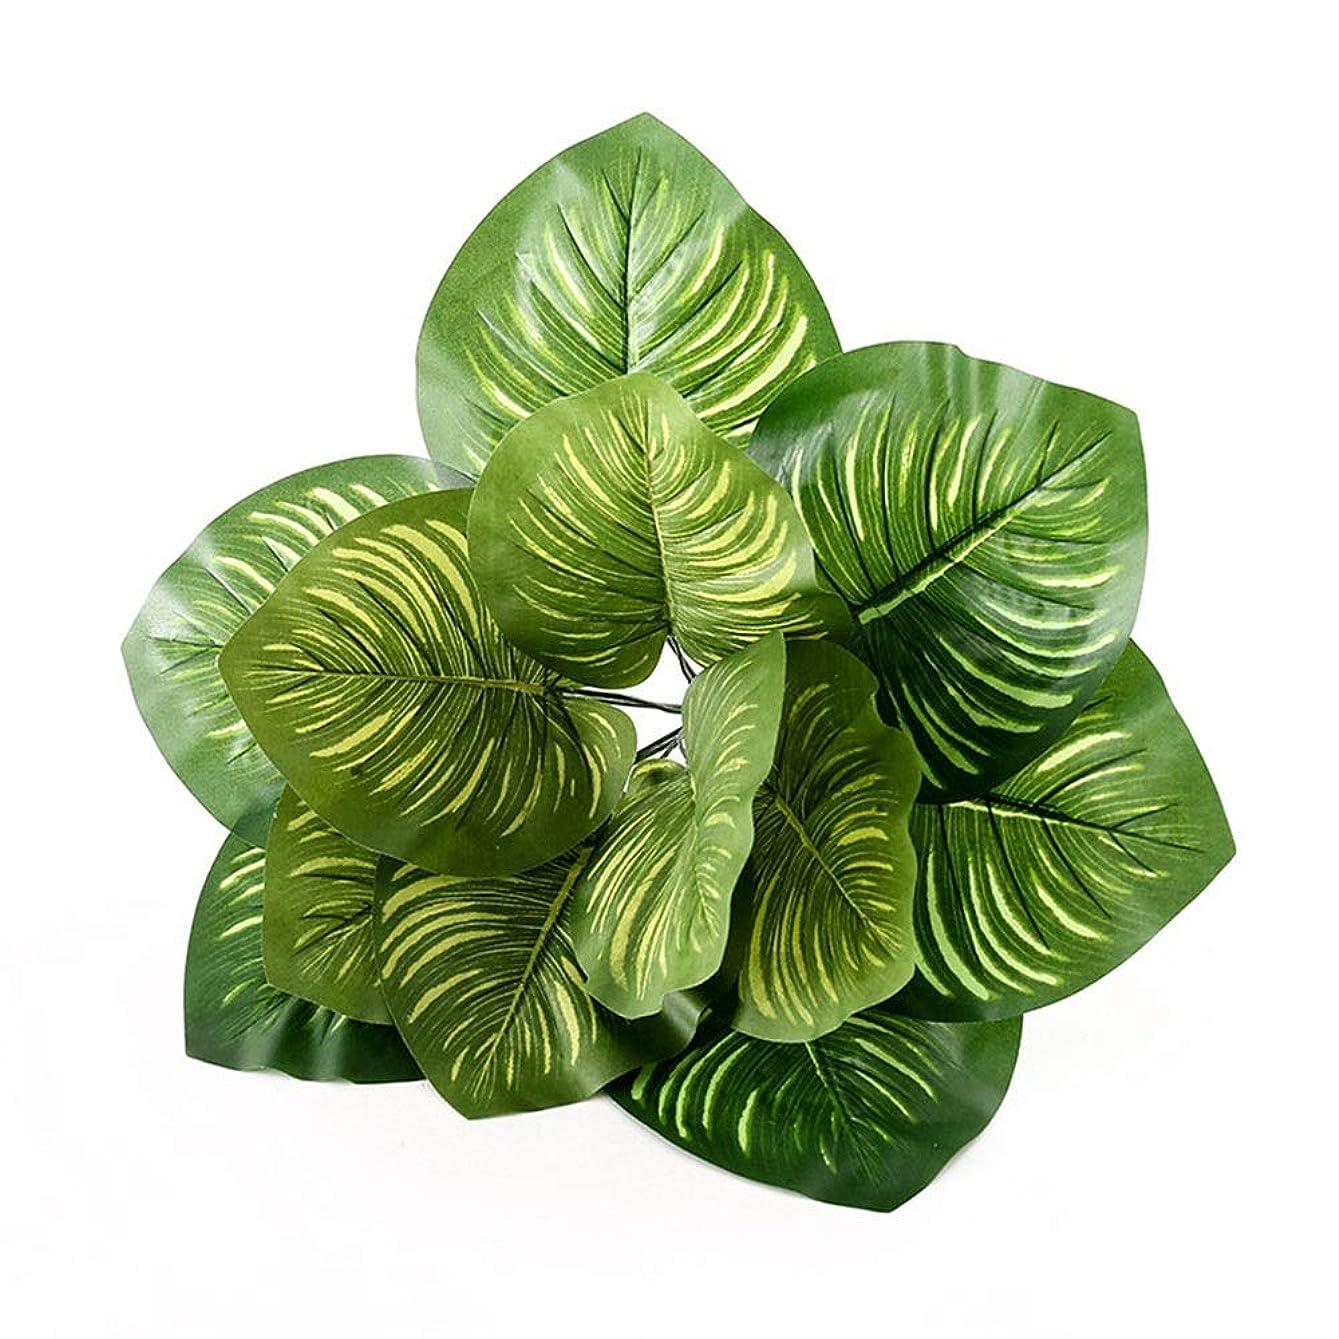 割り込み割るカテゴリー人工観賞植物 5台の人工的な葉は家の台所党装飾のための緑を植えます 屋外または室内装飾 (Color : Green, Size : Free size)